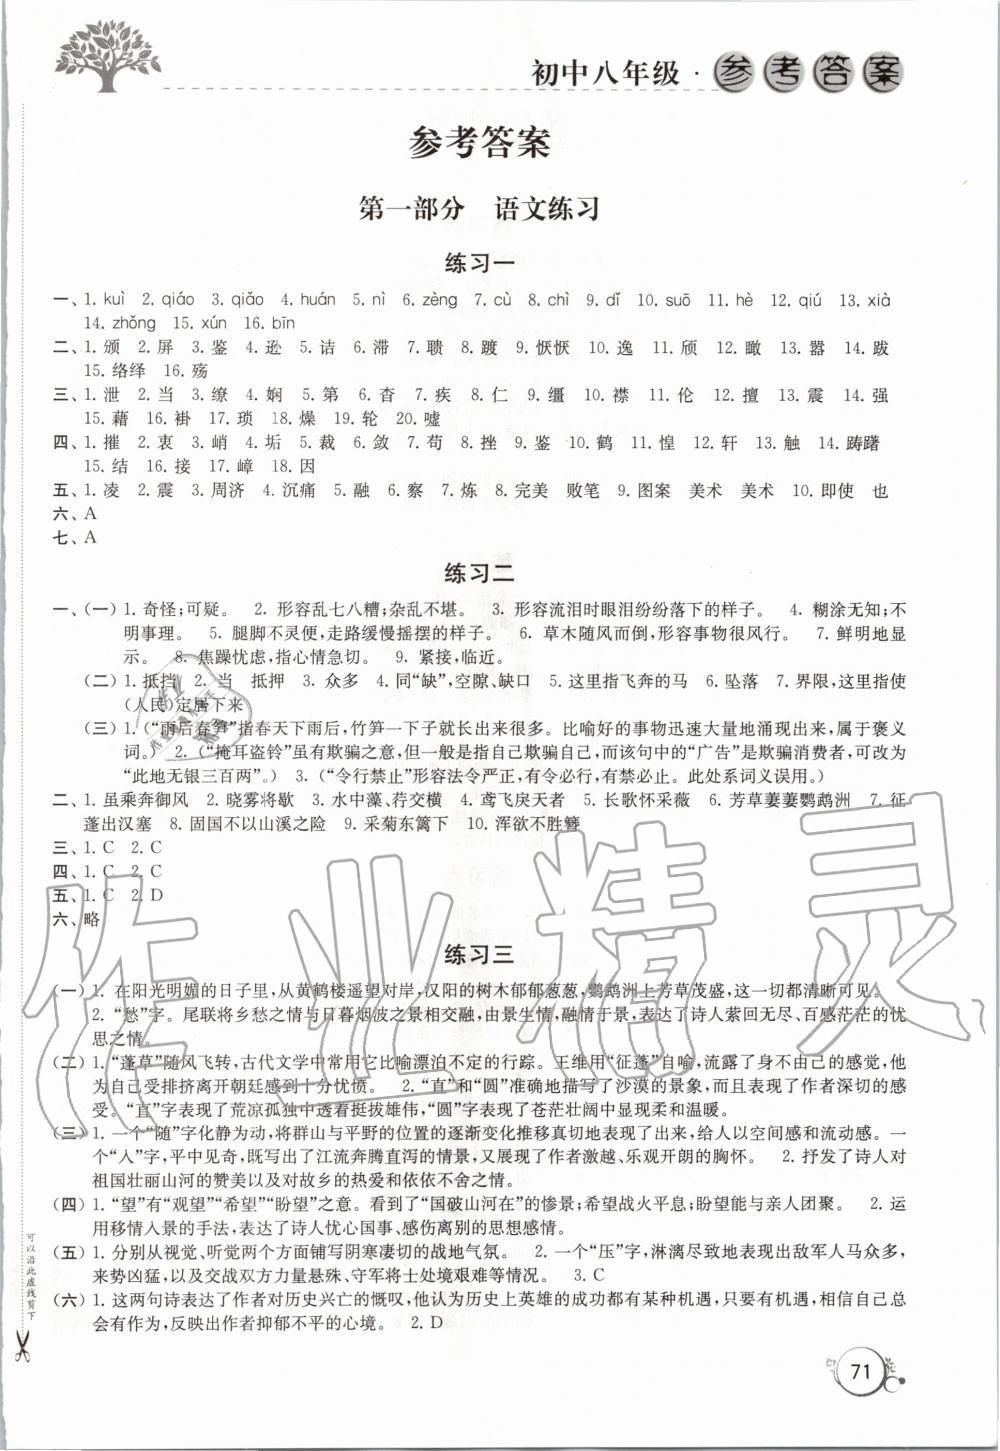 2020年寒假学习生活初中八年级译林版译林出版社第1页